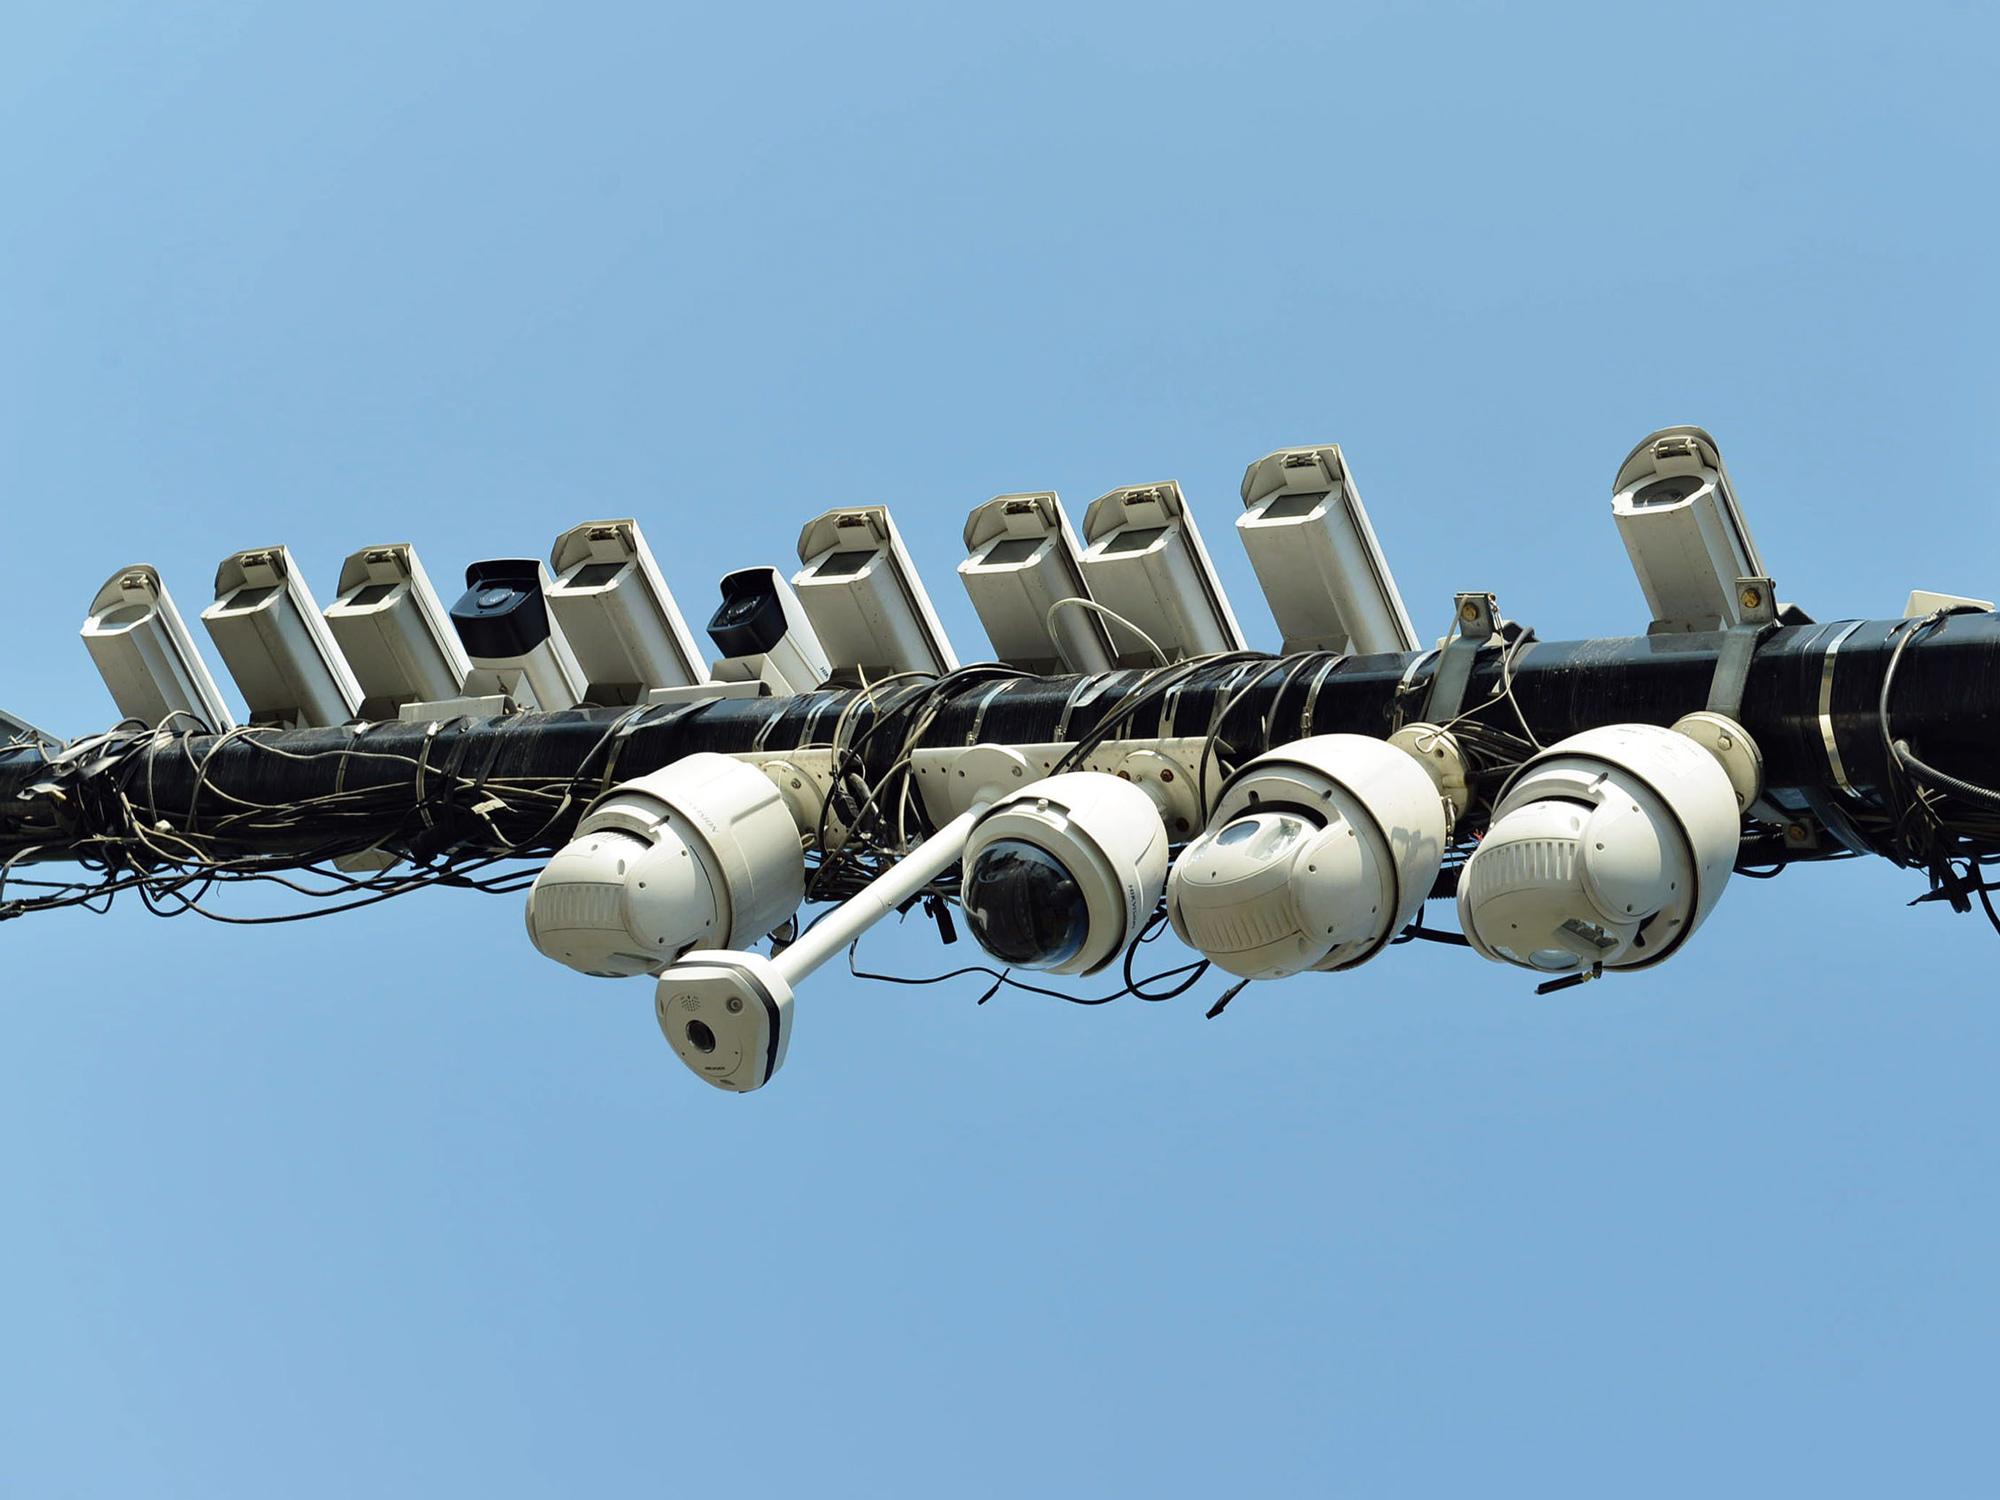 米政府、中国の監視関連企業5社のブラックリスト掲載を検討-関係者 - Bloomberg